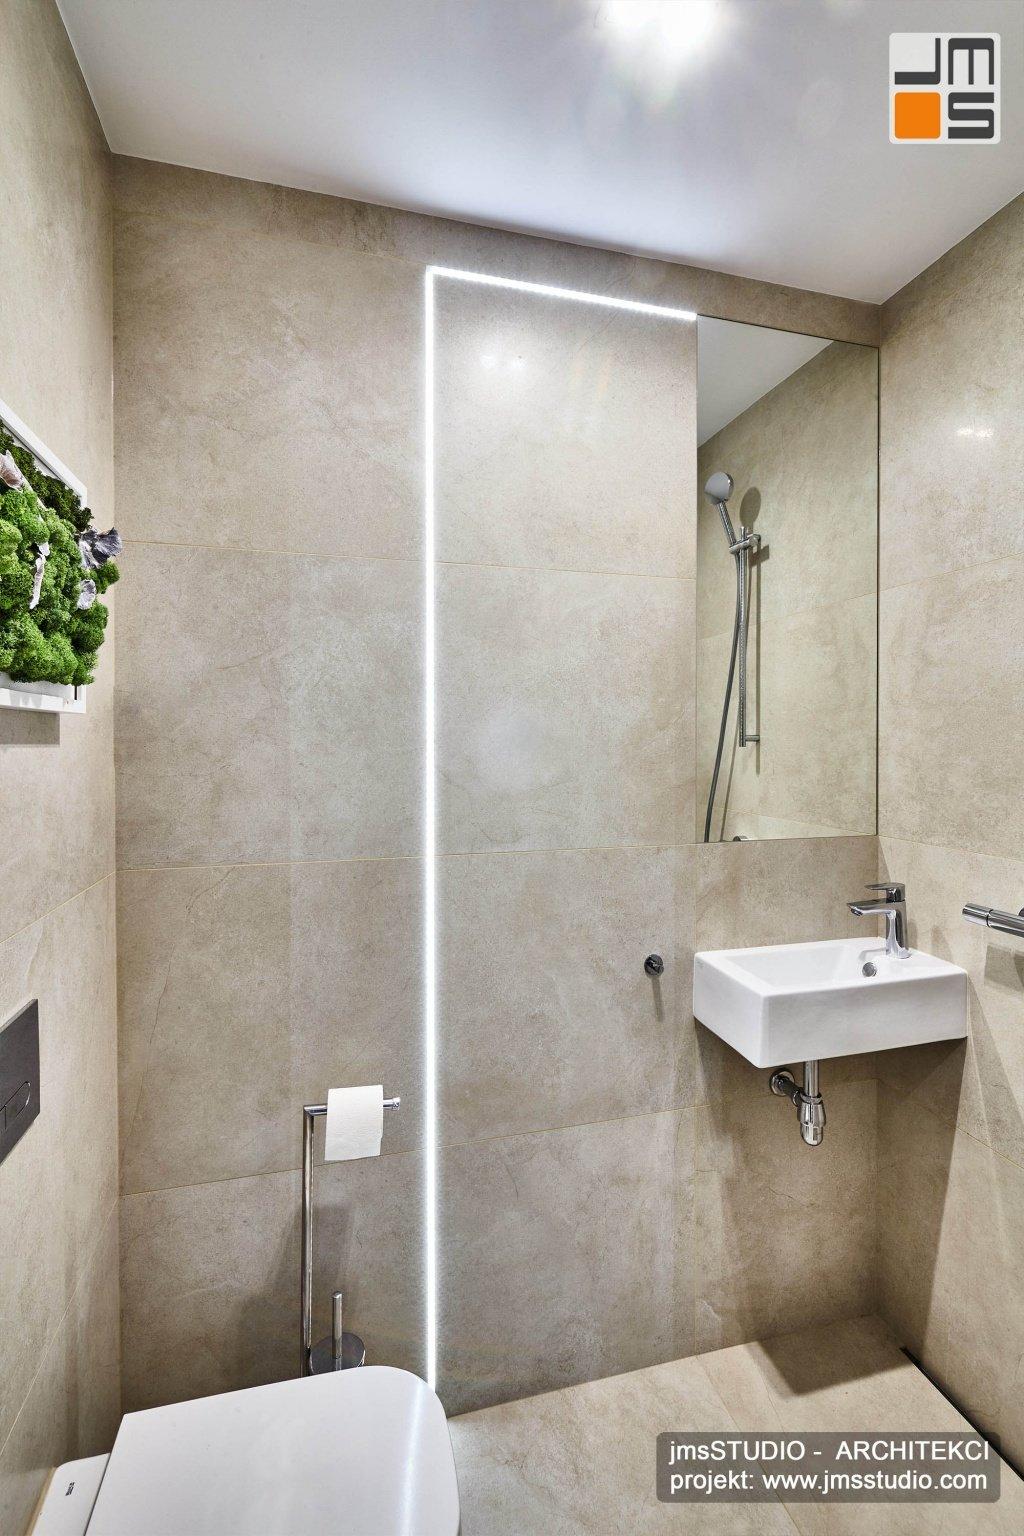 Pomysł na aranżację wnętrz bardzo małej łazienki z prysznicem bez kabiny - mikro łazienka z prysznicem